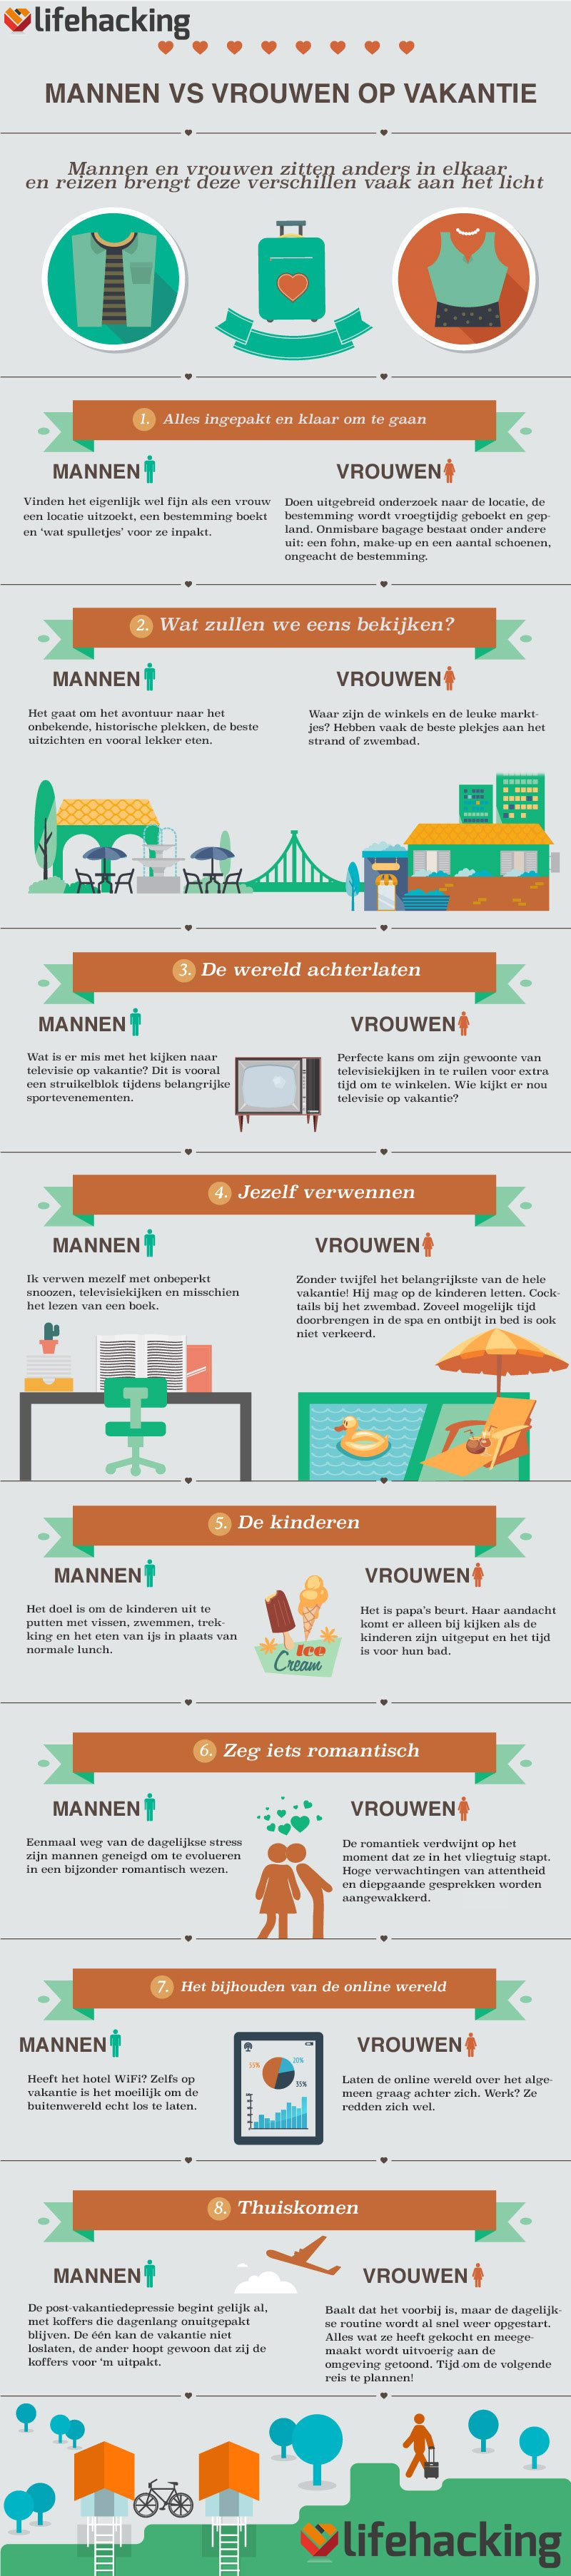 mannen vs vrouwen op vakantie infographic - Travelvibe